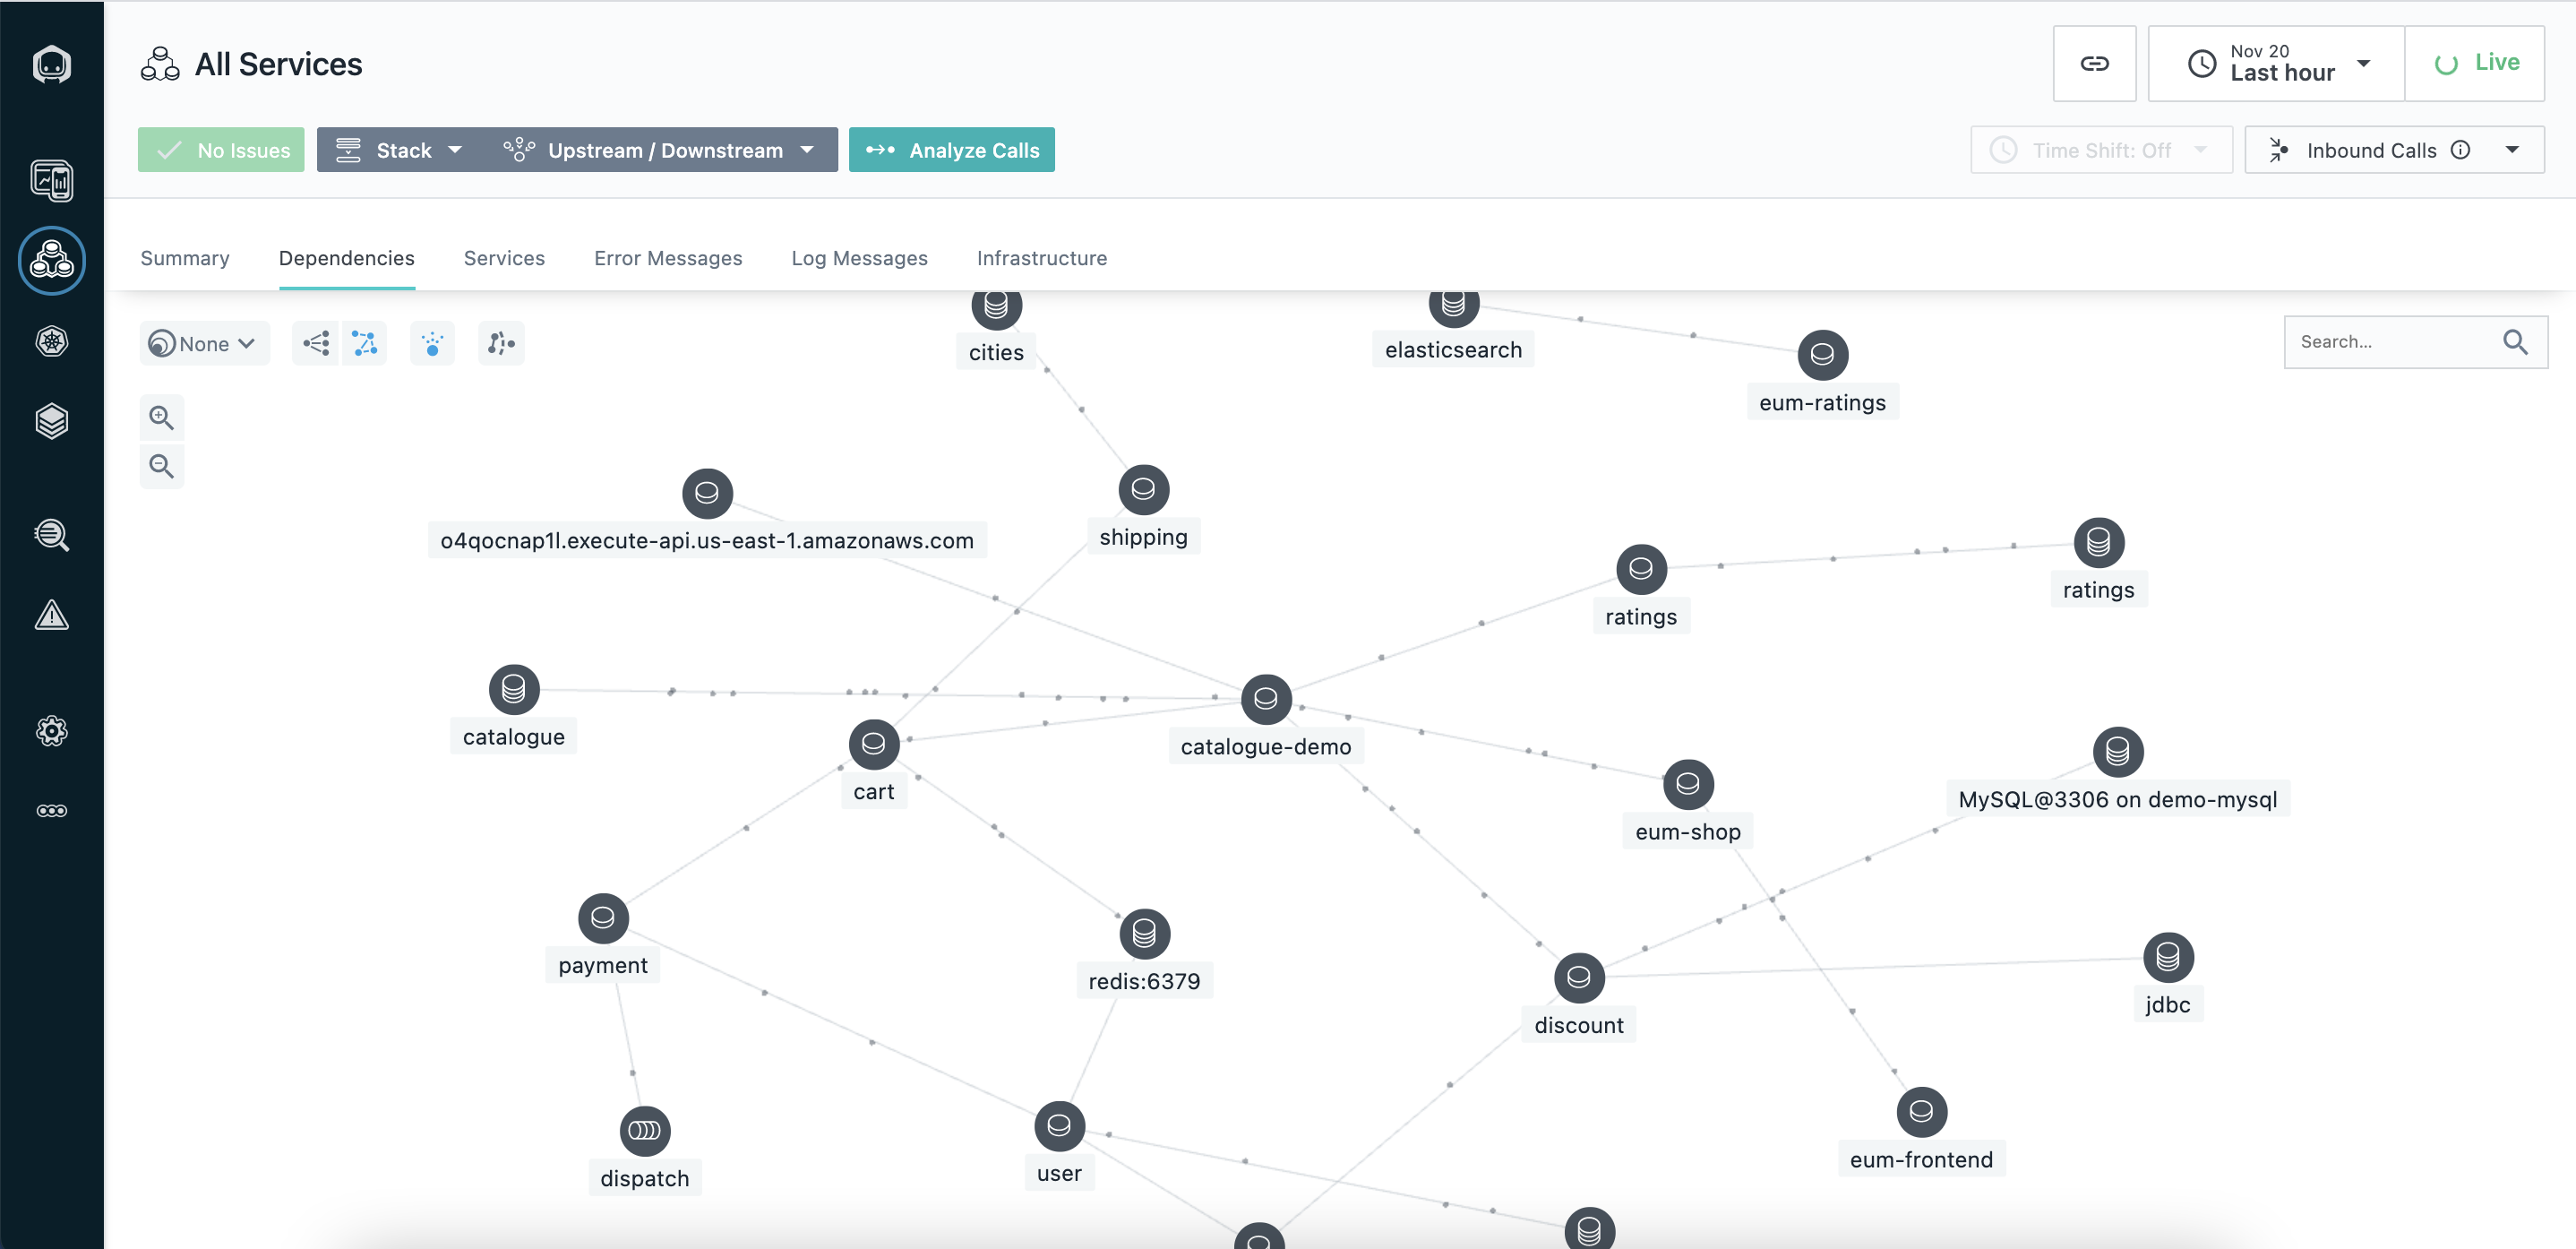 Карта взаимодействия сервисов